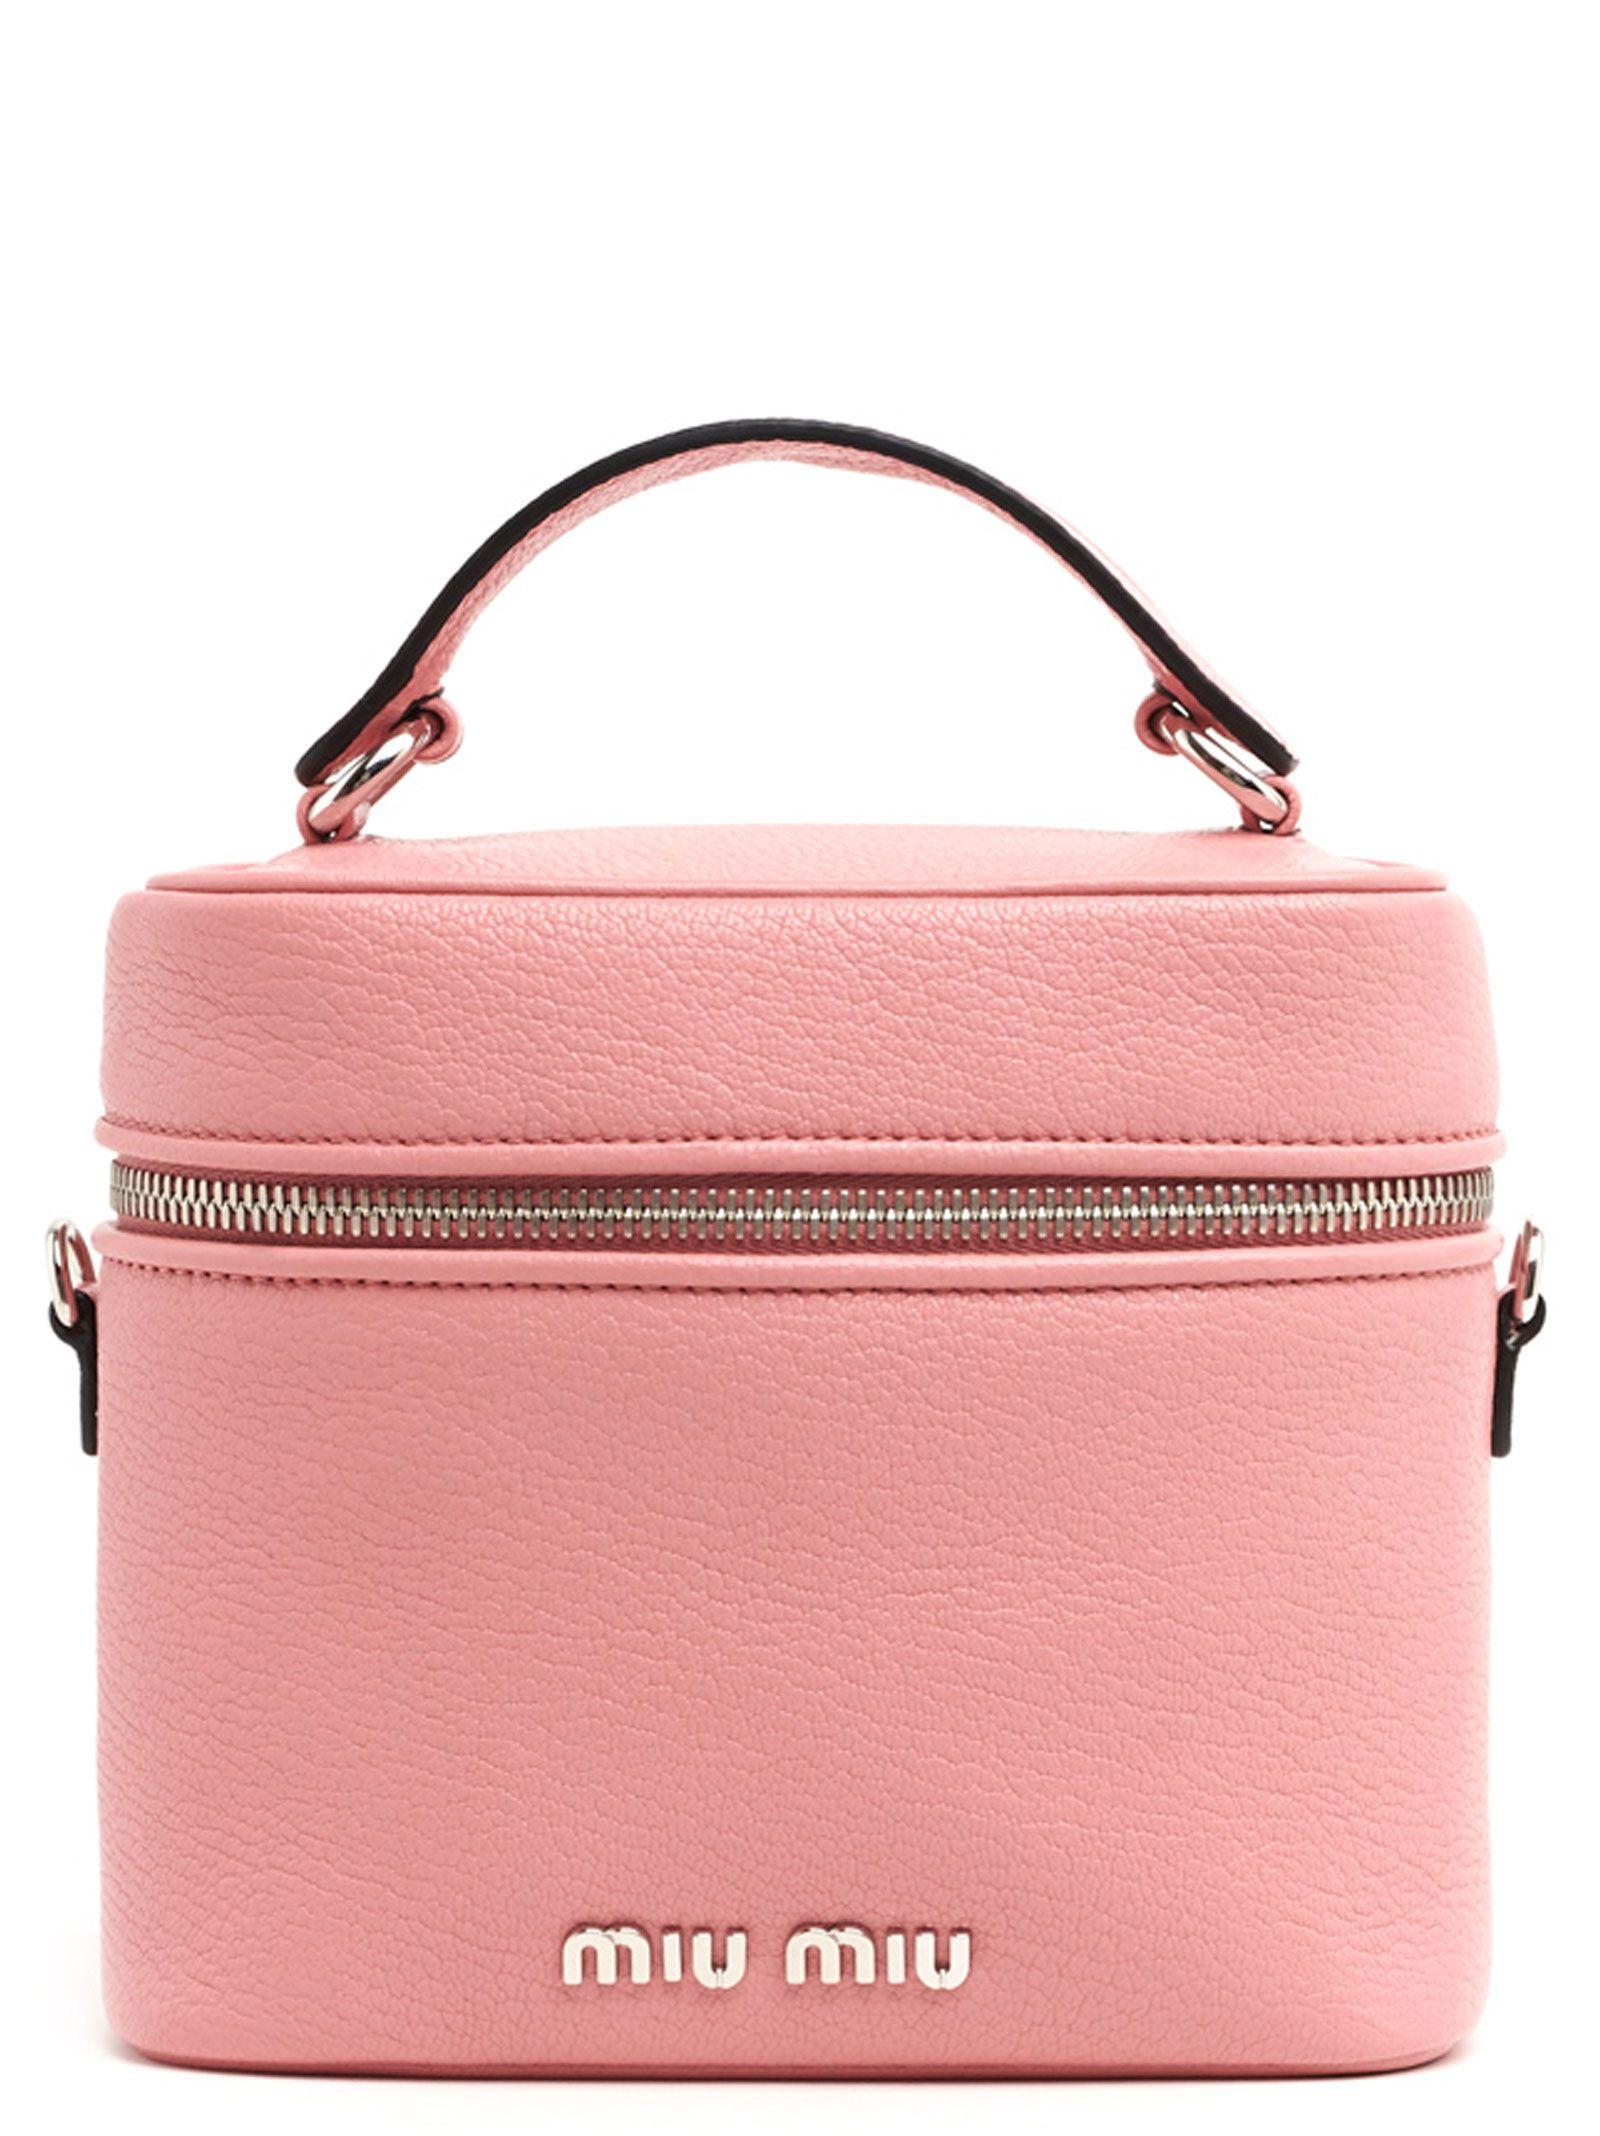 Miu Miu Miu Miu  bucket  Bag - Pink - 10807314  855c9e25fb4f3